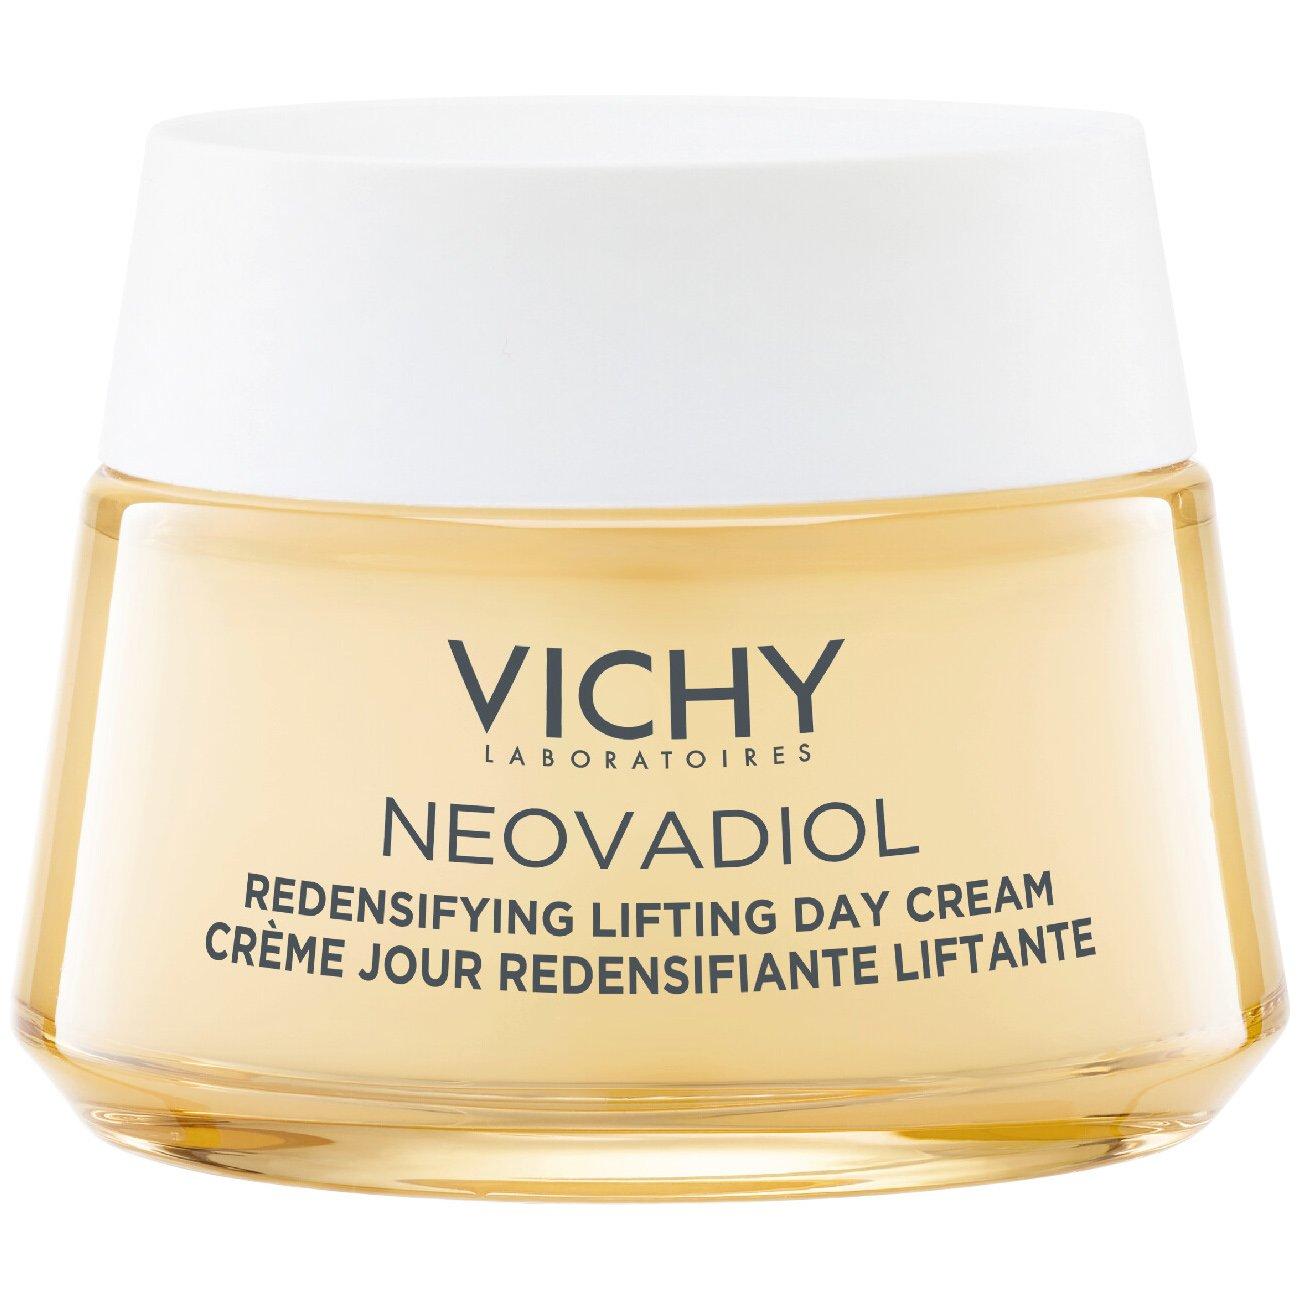 Vichy Neovadiol Peri-Menopause Redensifying Plumping Day Cream Κρέμα Ημέρας για την Περιεμμηνόπαυση, Ξηρές Επιδερμίδες 50ml